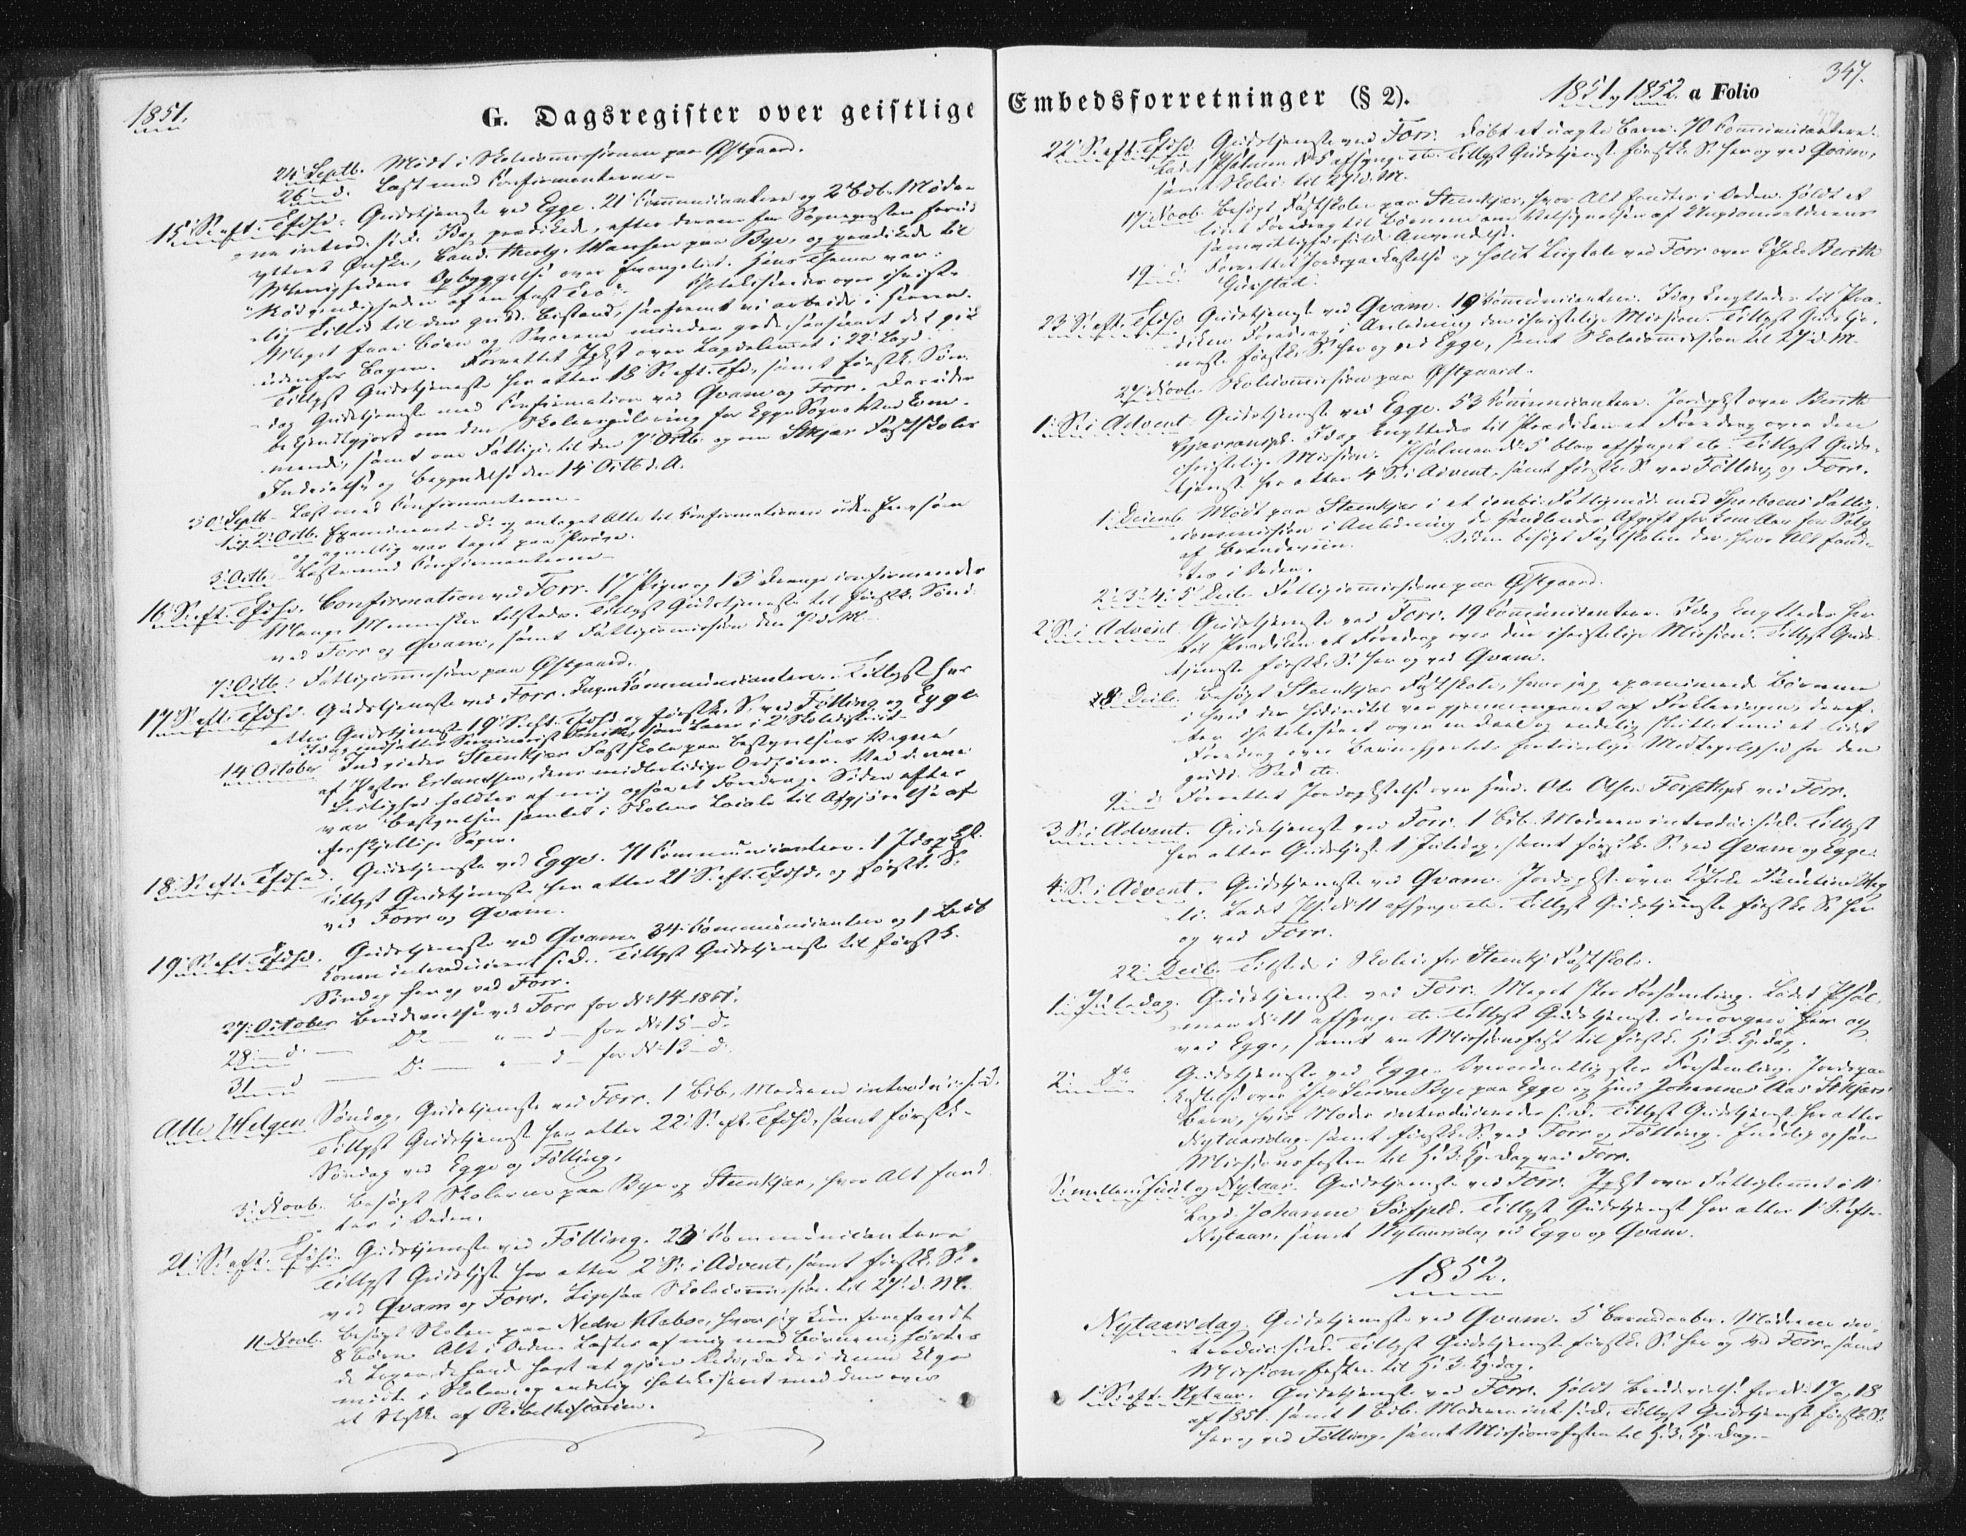 SAT, Ministerialprotokoller, klokkerbøker og fødselsregistre - Nord-Trøndelag, 746/L0446: Ministerialbok nr. 746A05, 1846-1859, s. 347